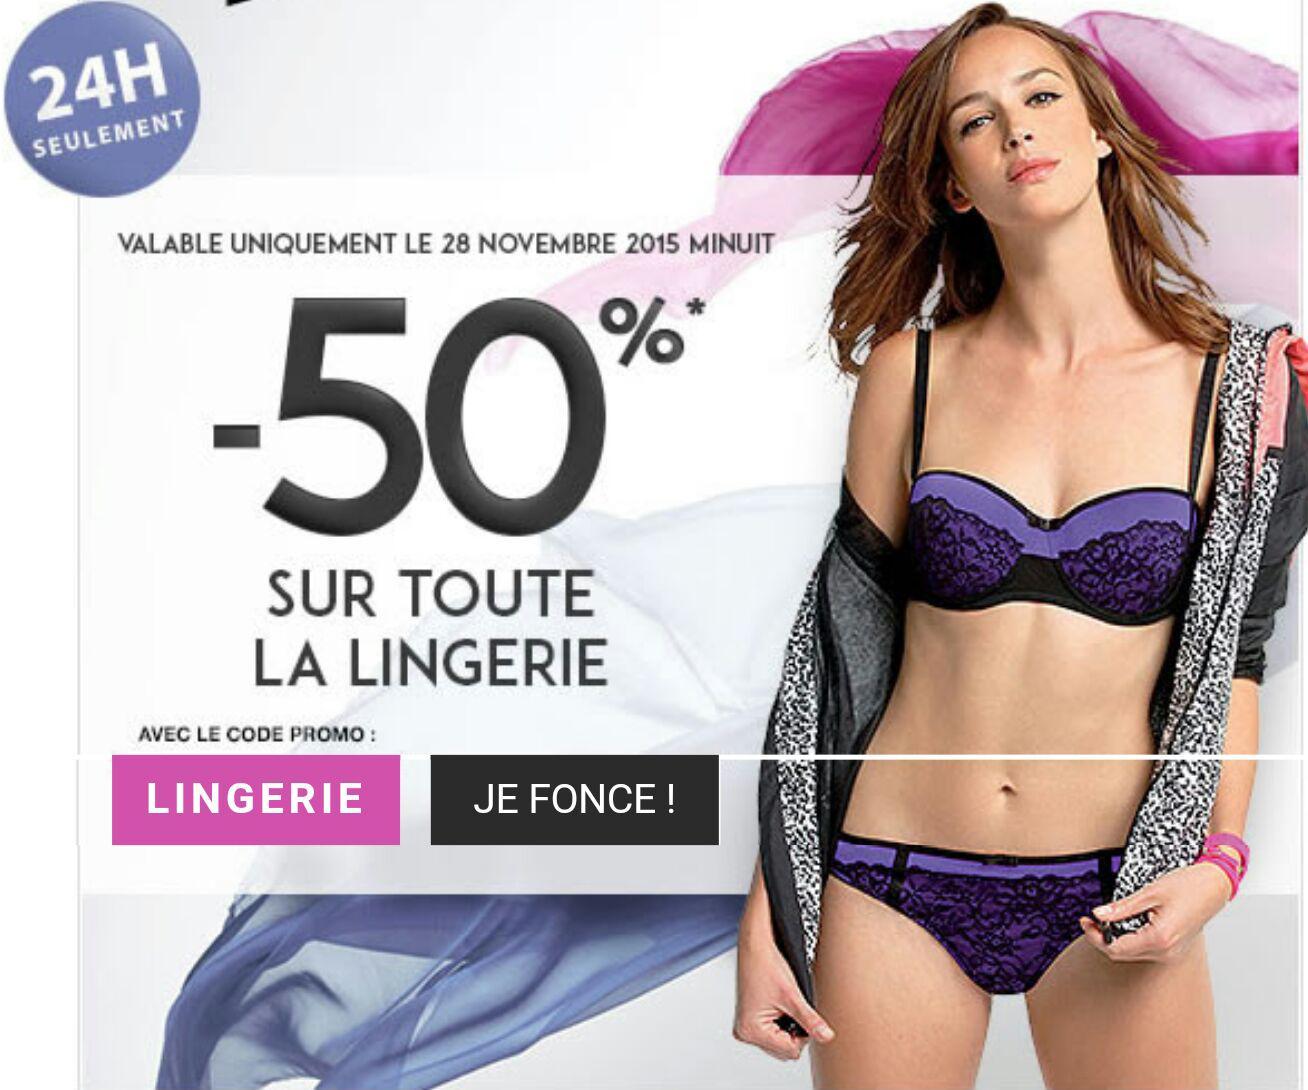 50% de réduction sur tout le rayon lingerie